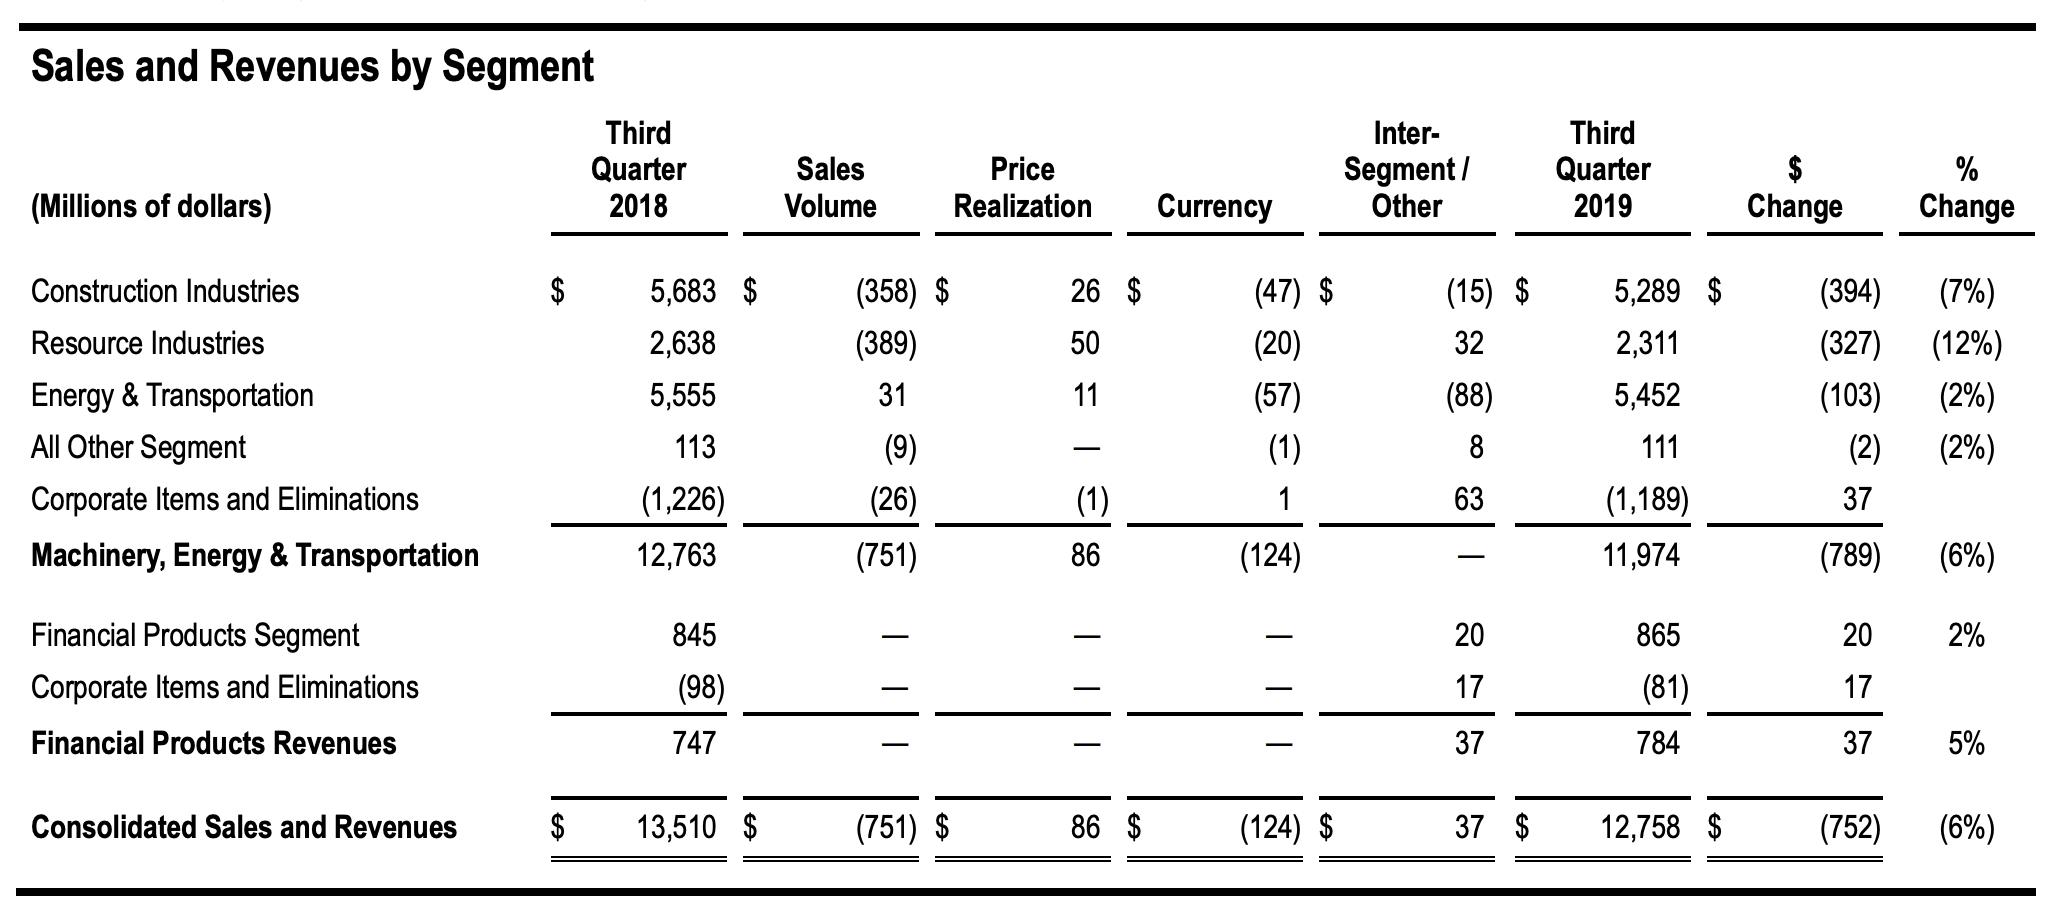 Caterpillar-Quartalszahlen - Tabelle mit aktuellen Umsatzdaten